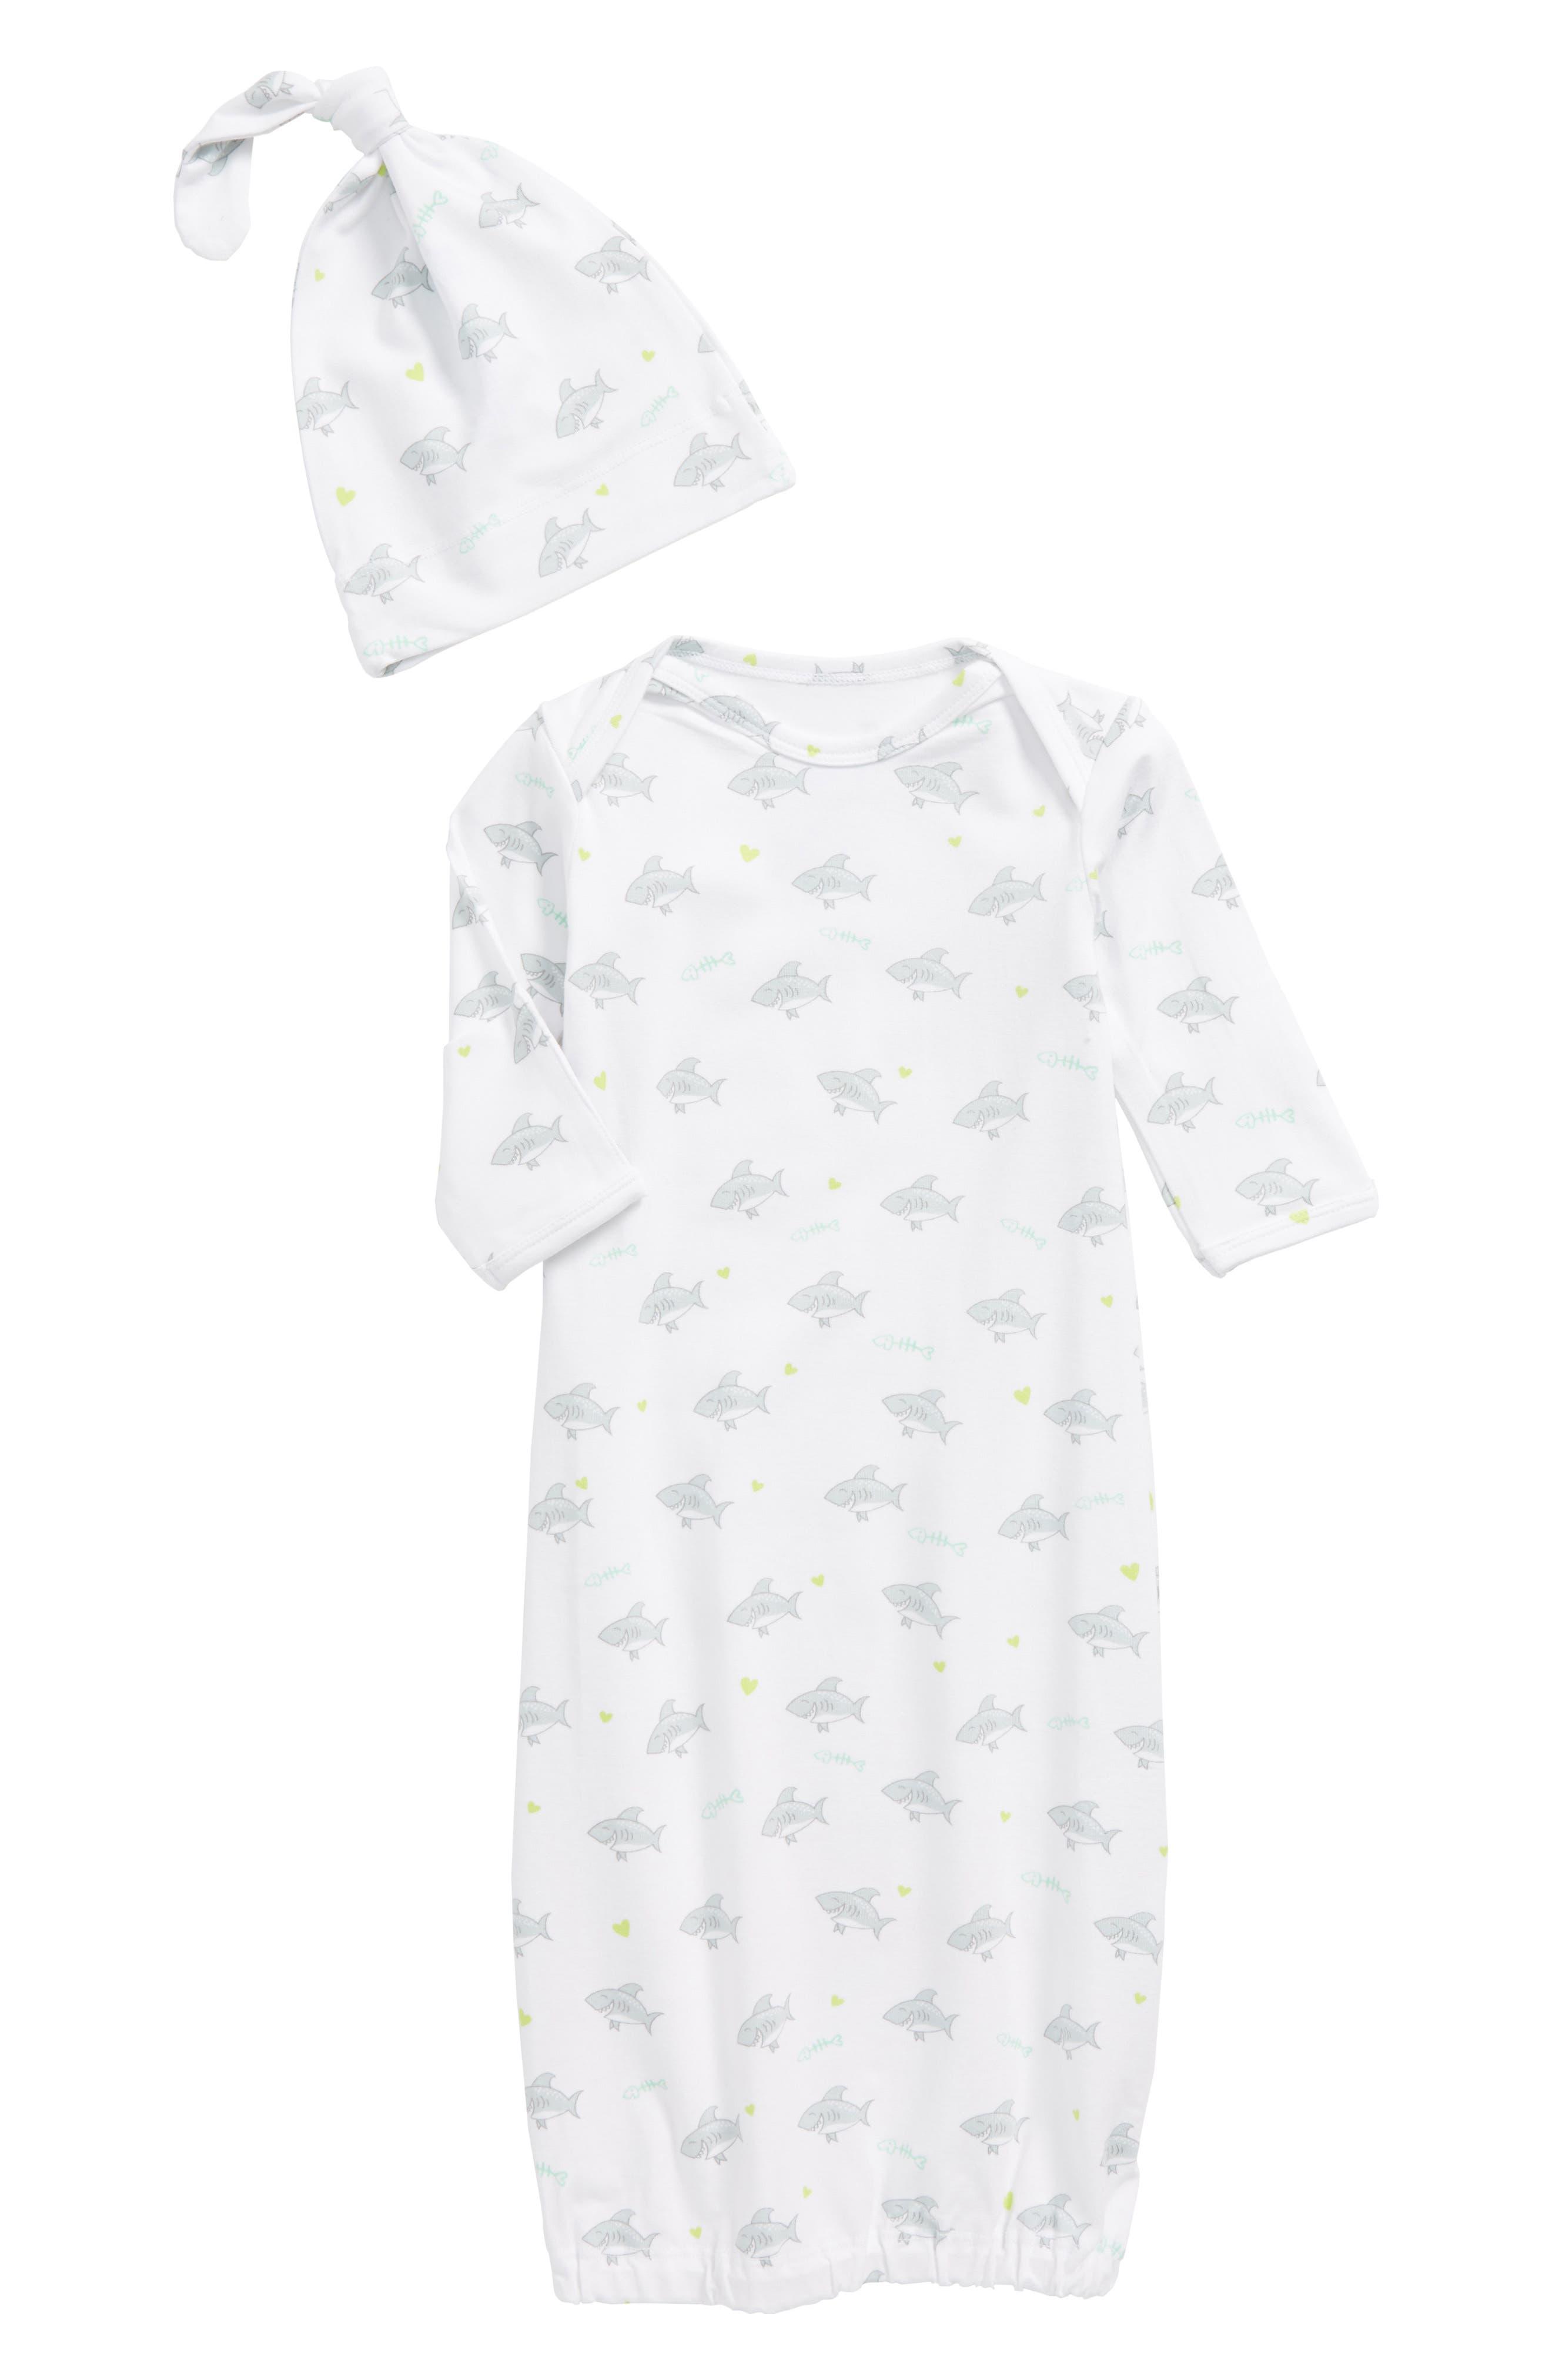 Shark Gown & Hat Set,                         Main,                         color, 020